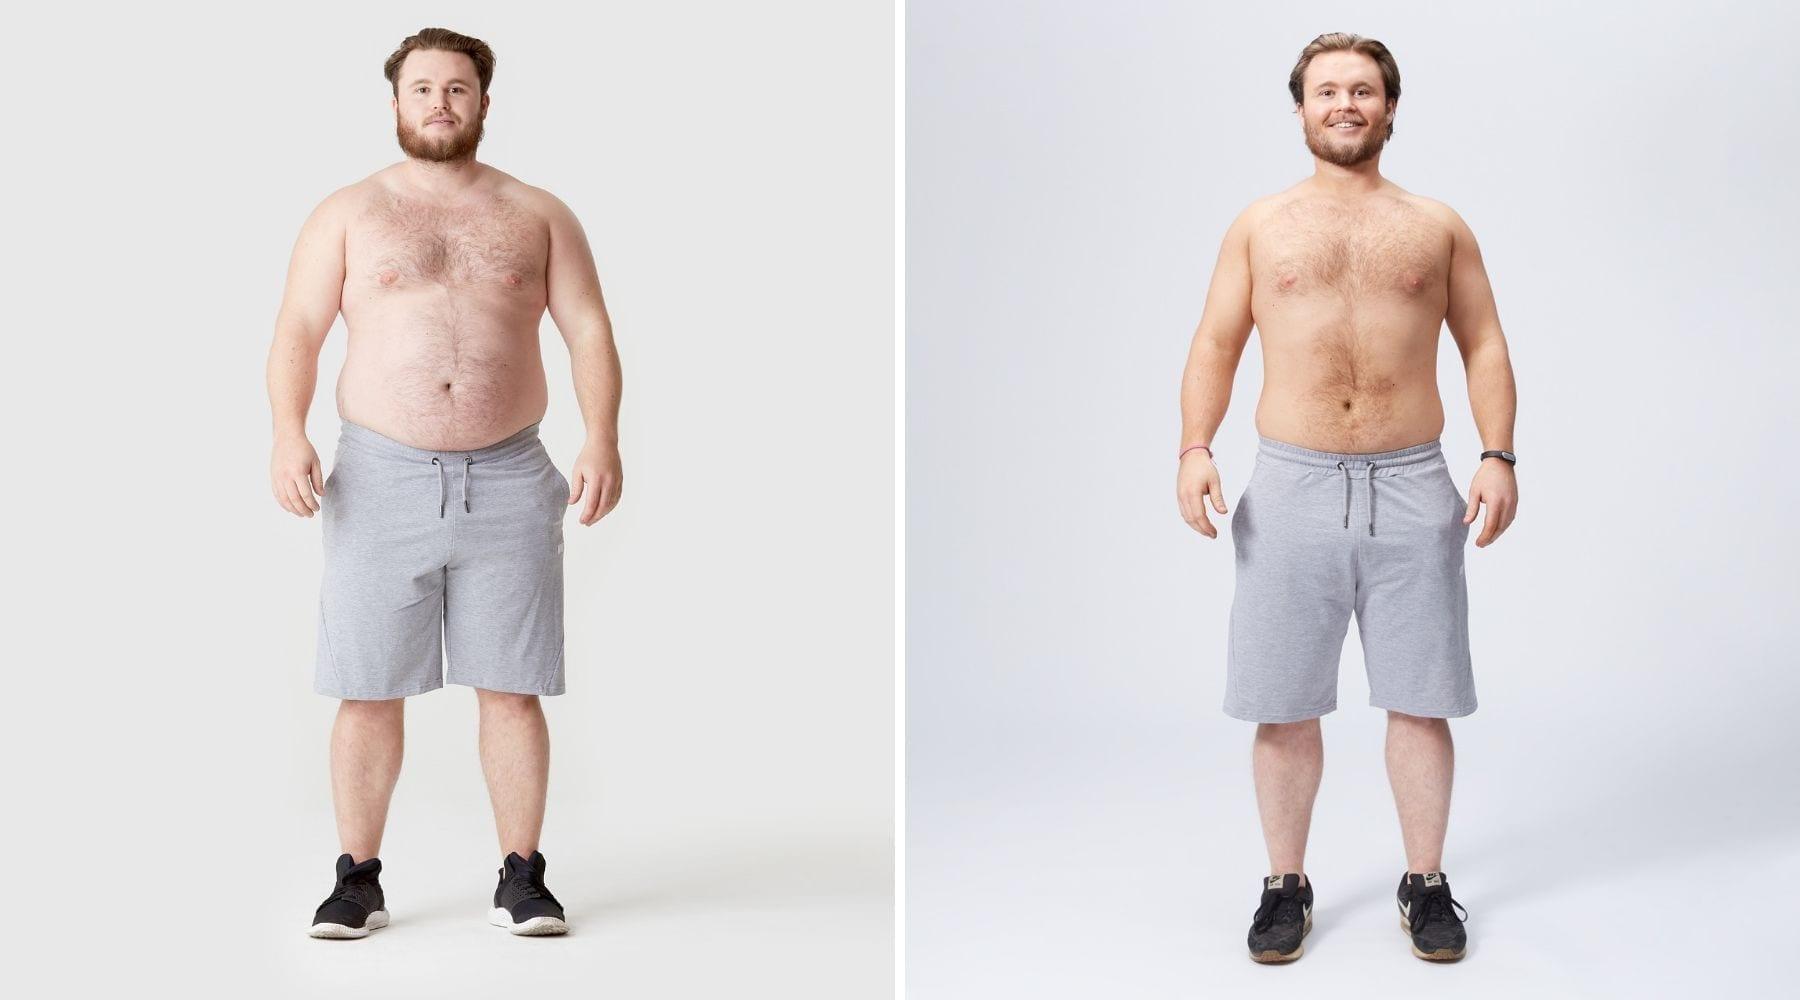 cele mai mari greșeli de pierdere de grăsime 23 sfaturi surprinzătoare pentru pierderea în greutate buzzfeed